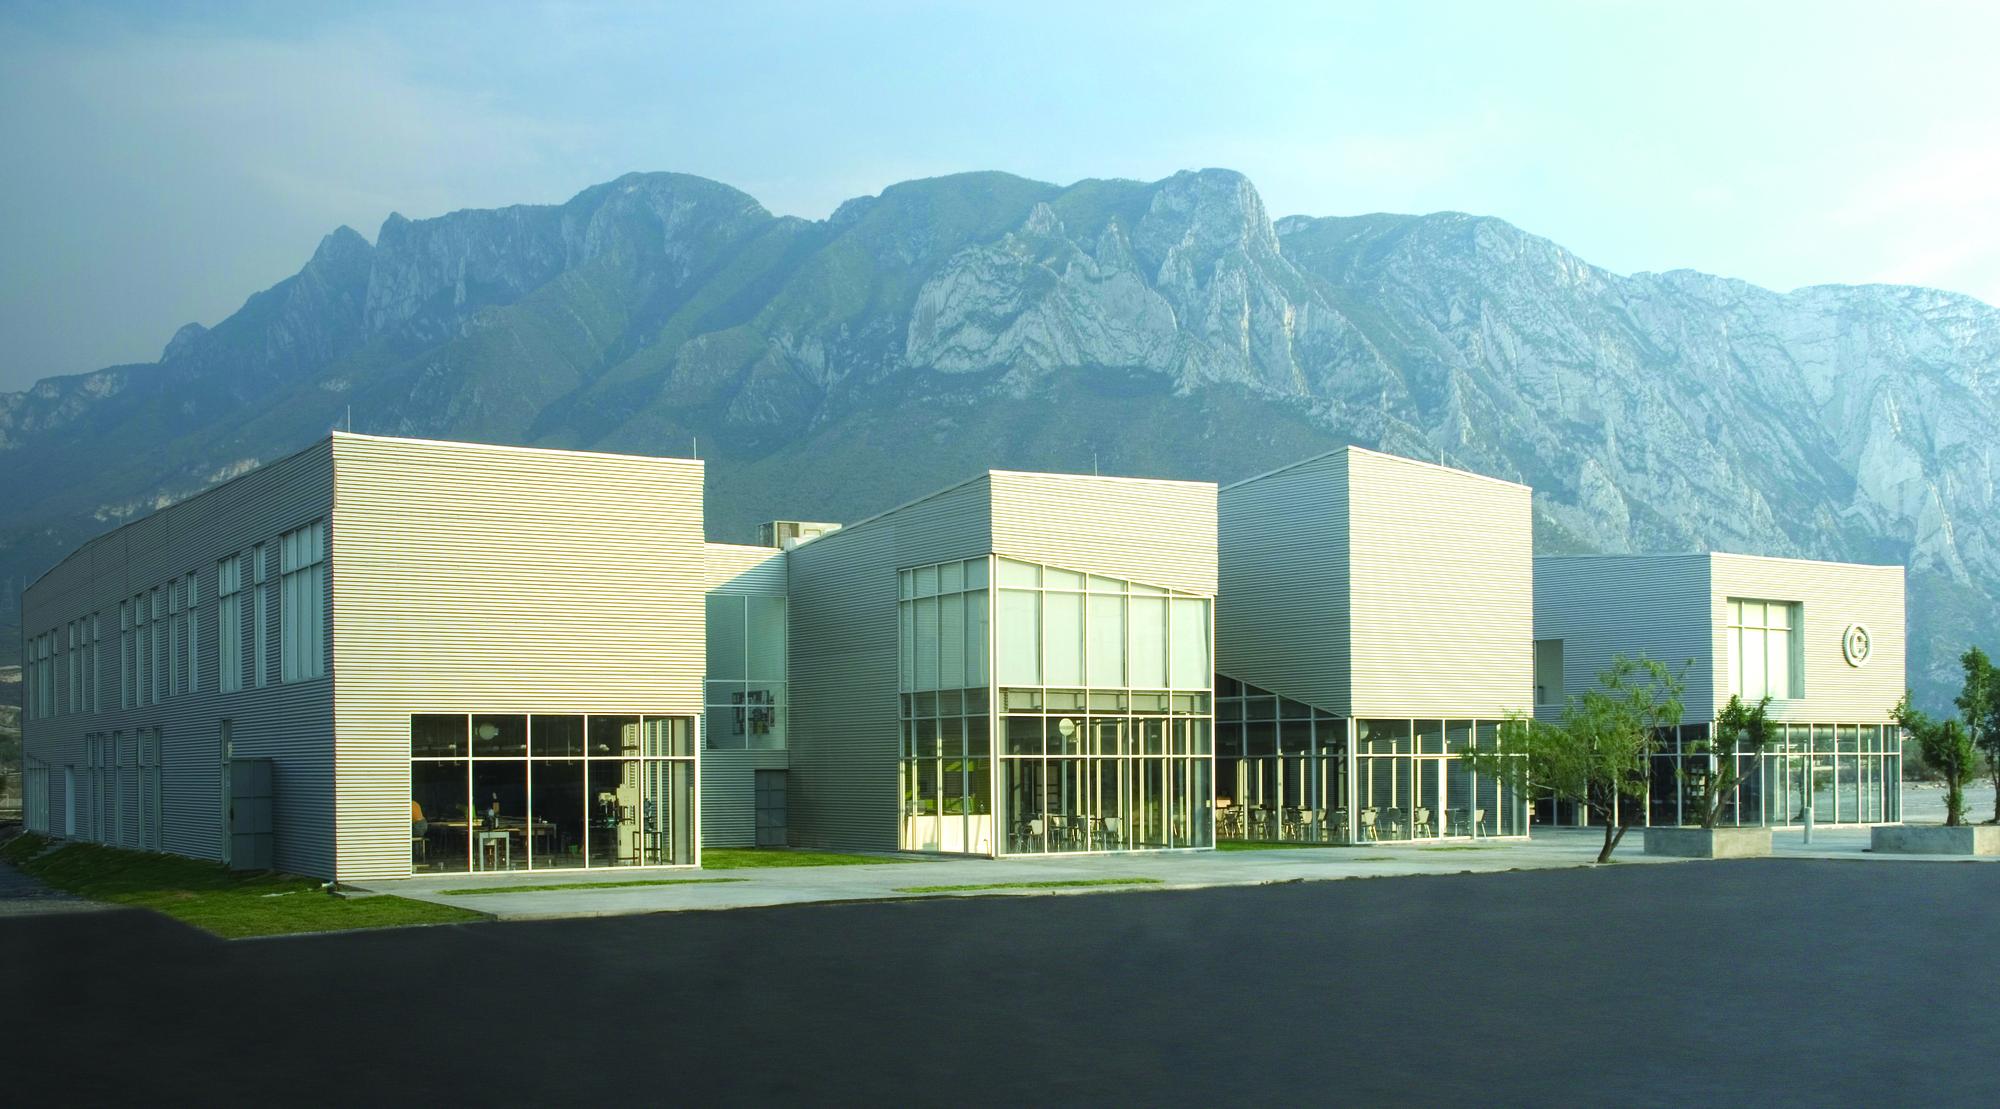 Revista c digo arte arquitectura dise o moda estilo - Estudios de arquitectura en bilbao ...